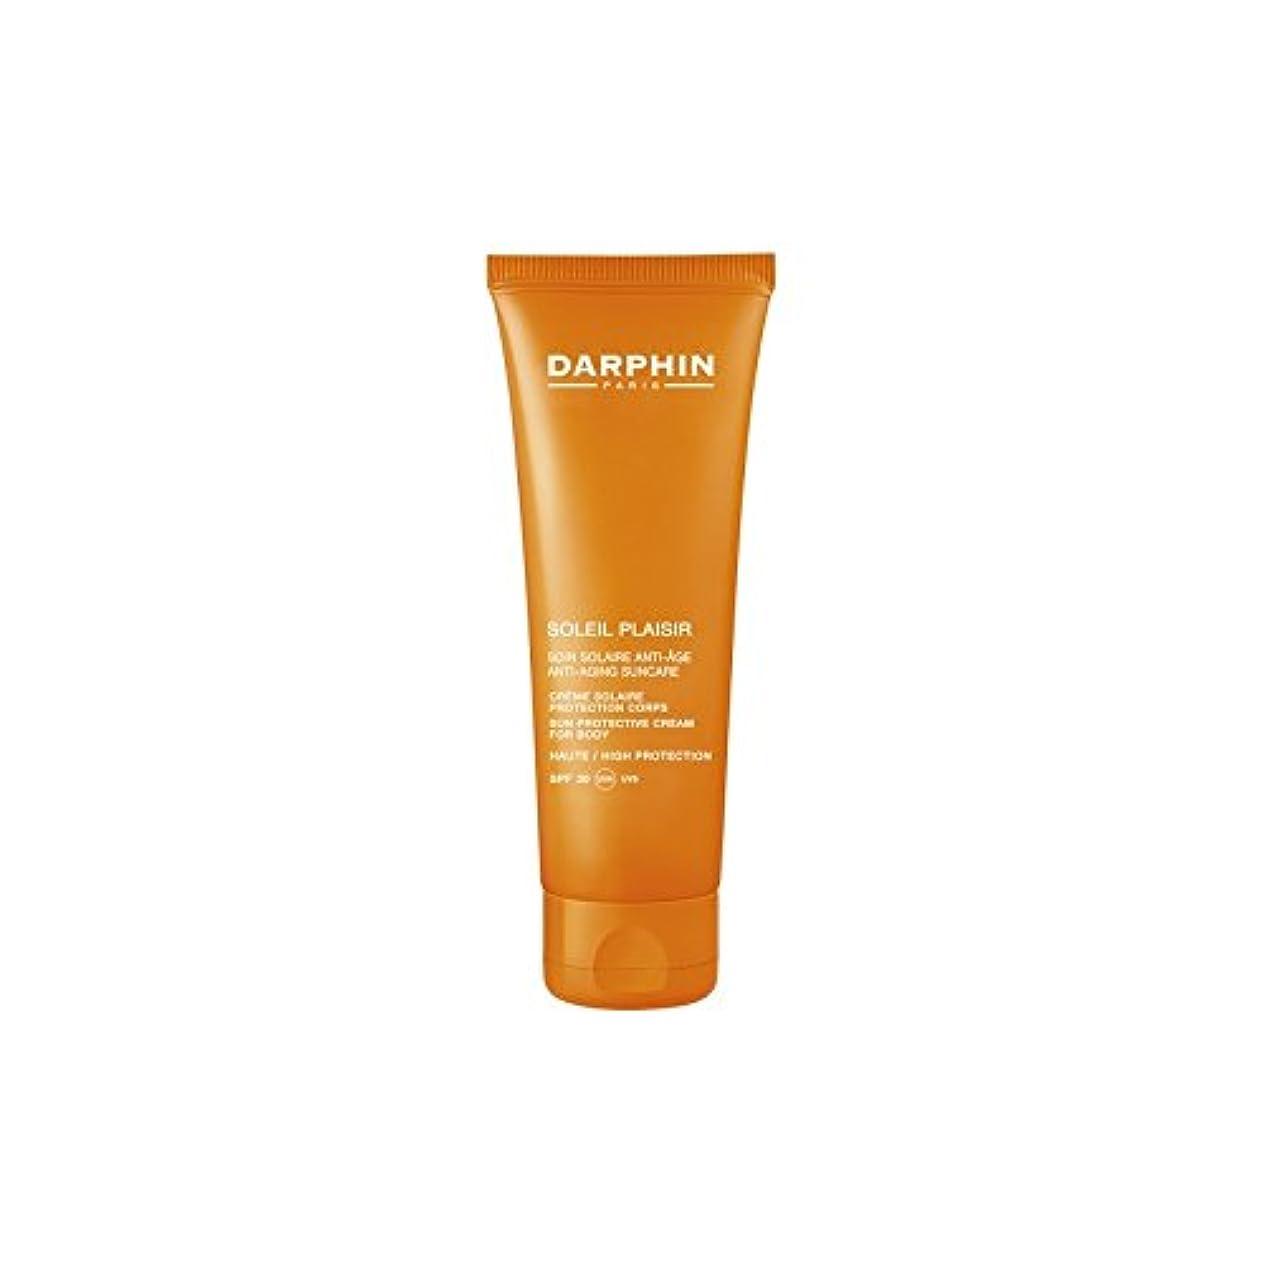 眠いですワークショップ先史時代のDarphin Soleil Plaisir Body Cream (Pack of 6) - ダルファンソレイユプレジールボディクリーム x6 [並行輸入品]